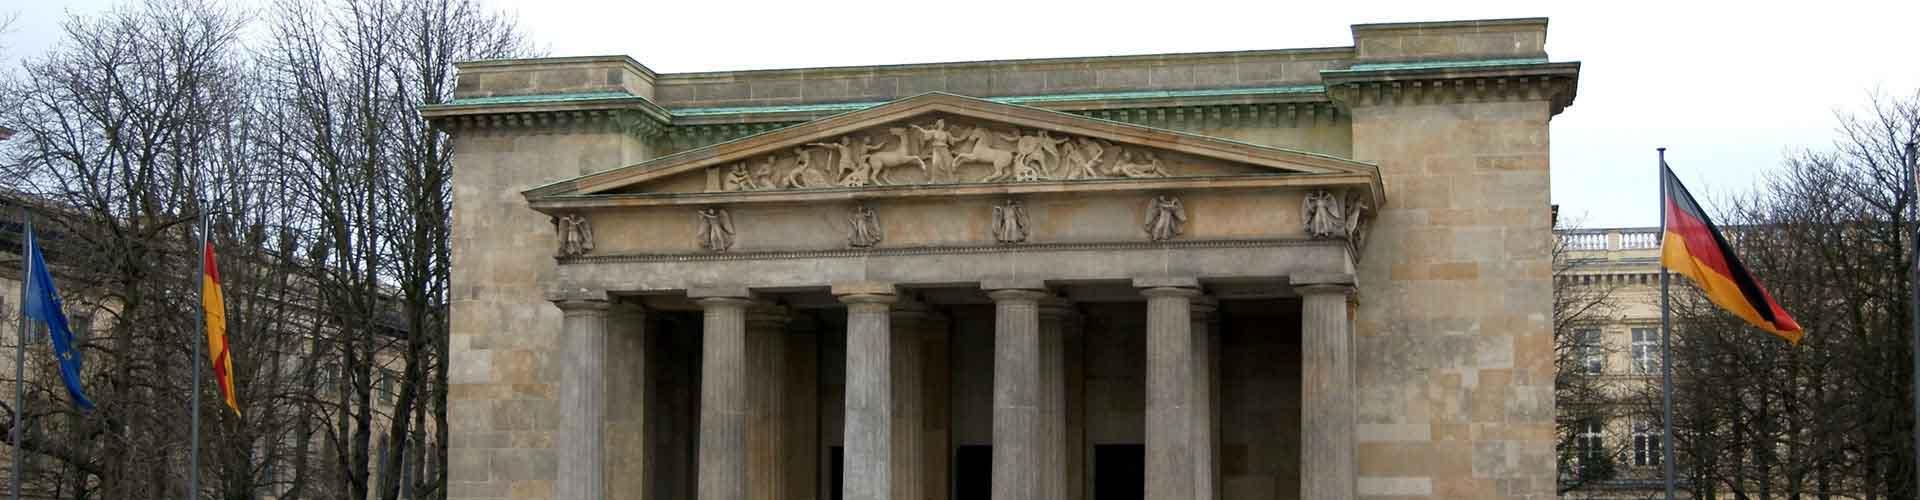 Berlín - Hostelů v blízkosti Neue Wache a Zeughaus. Mapy pro Berlín, fotky a recenze pro každý hostel v Berlín.